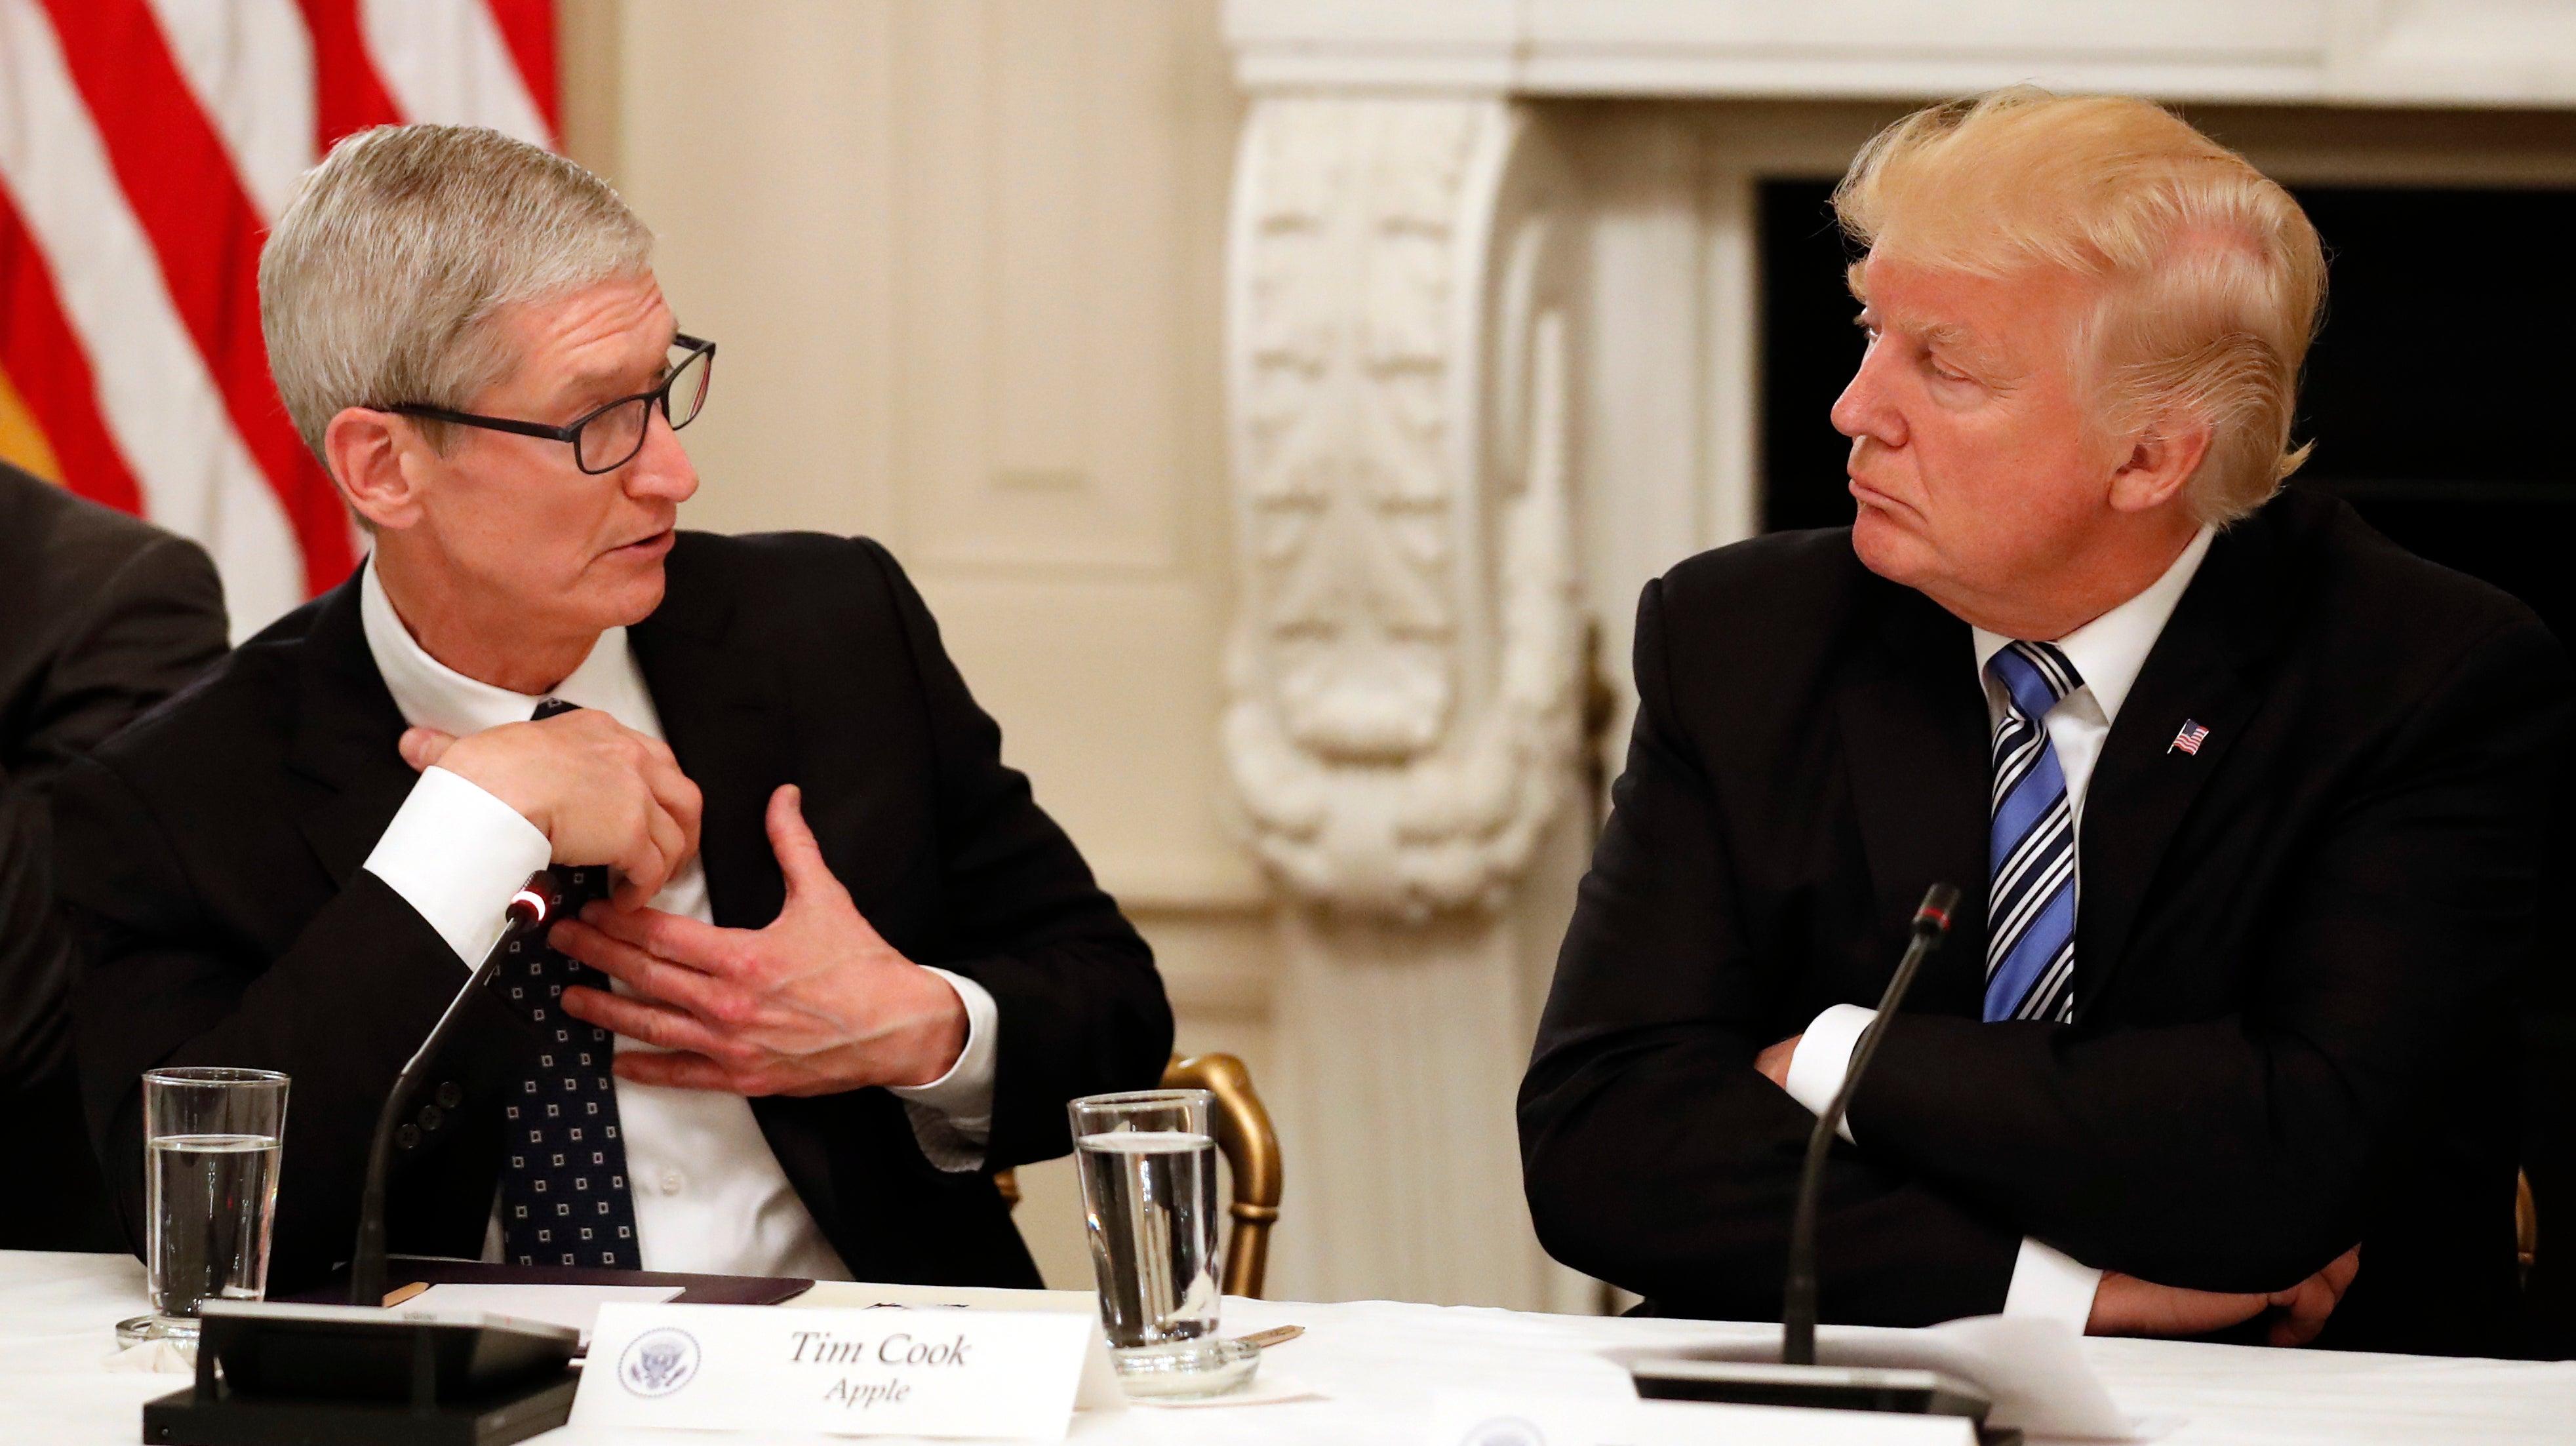 Trump Is Predictably Backstabbing Apple On Tariffs